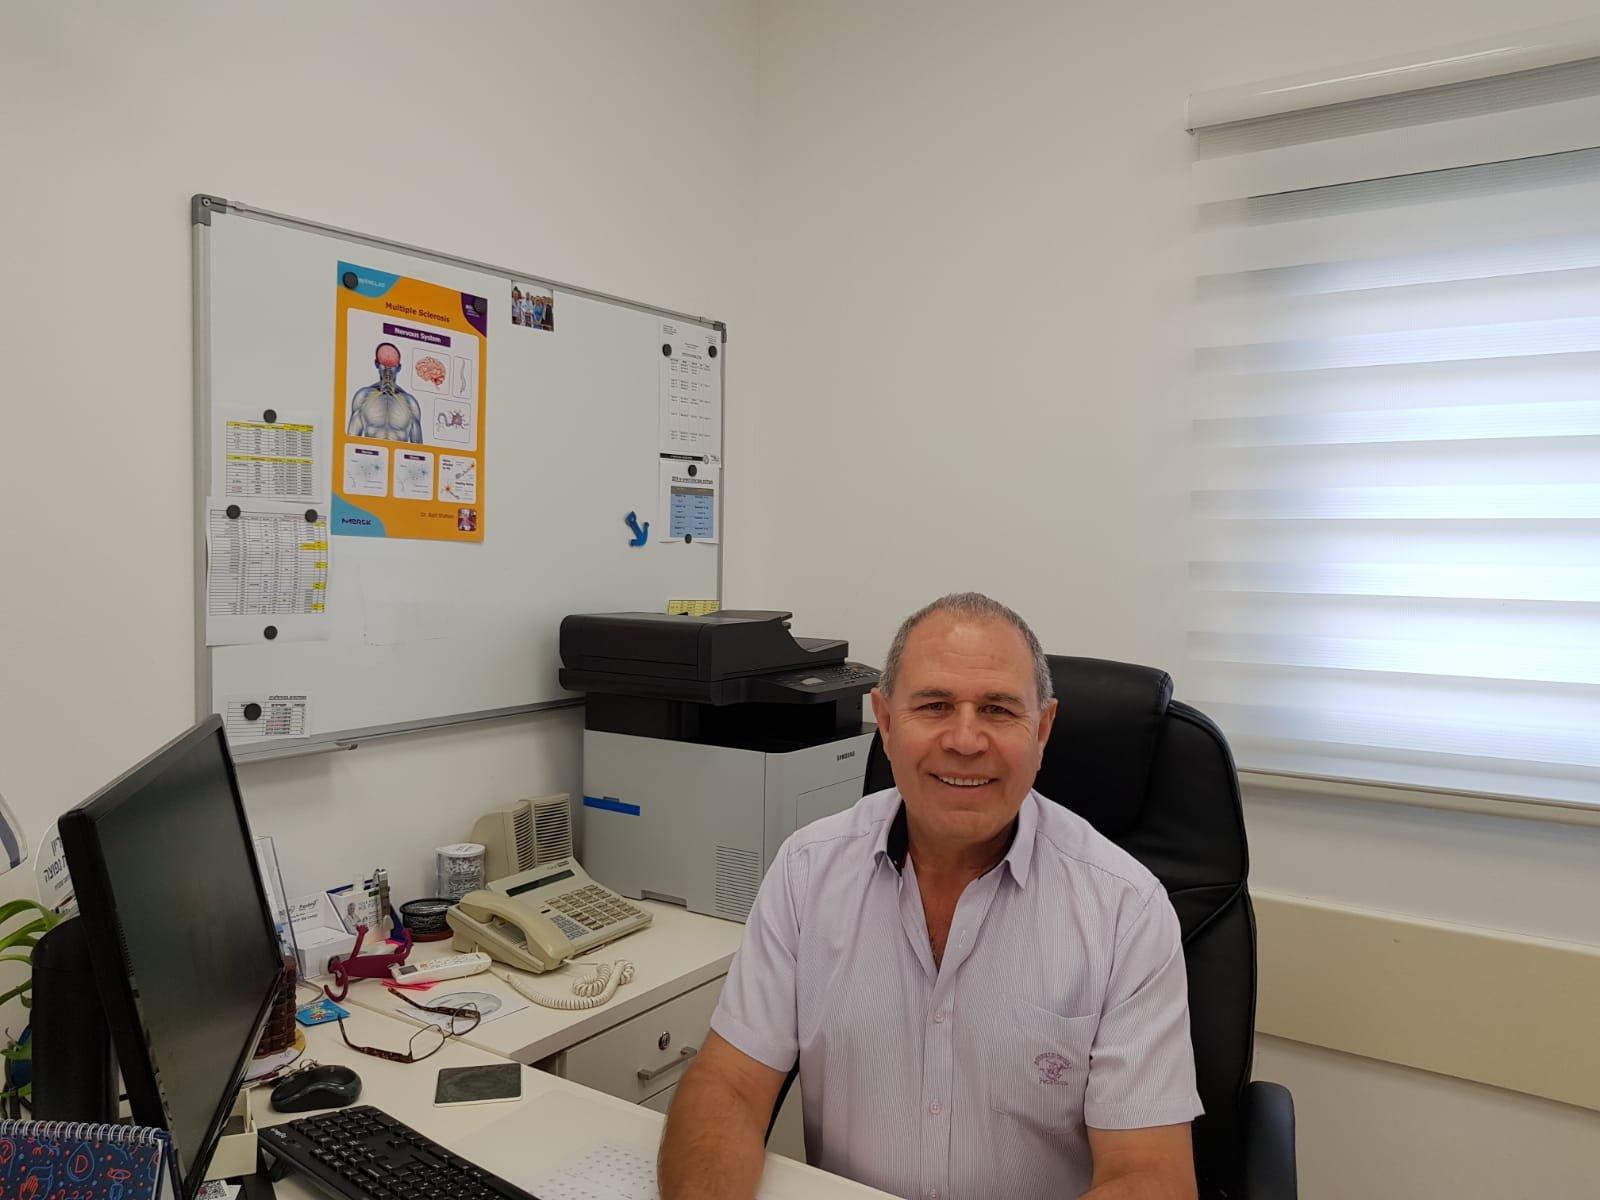 د. شاهين لـ بكرا: الصداع النصفي (المجرينا)، مرض شائع ويتأثر بدرجة الحرارة